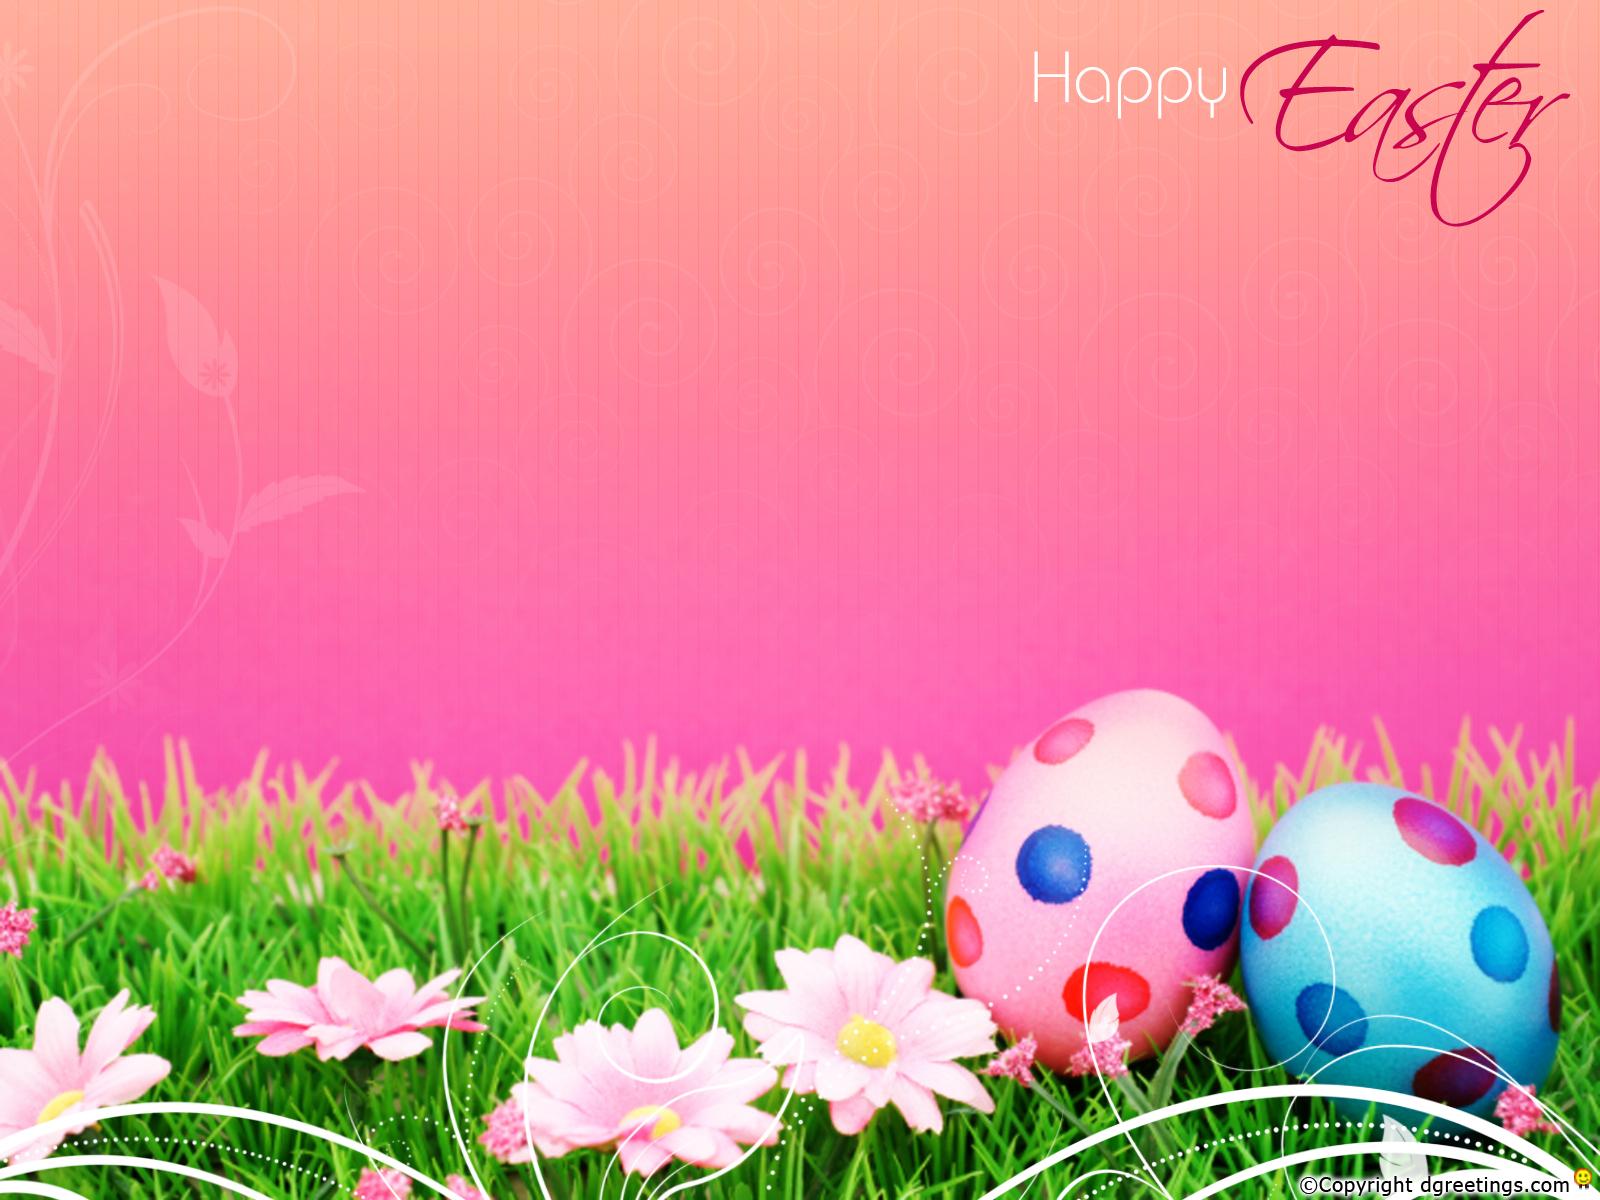 Free Easter Wallpapers for Desktop - WallpaperSafari